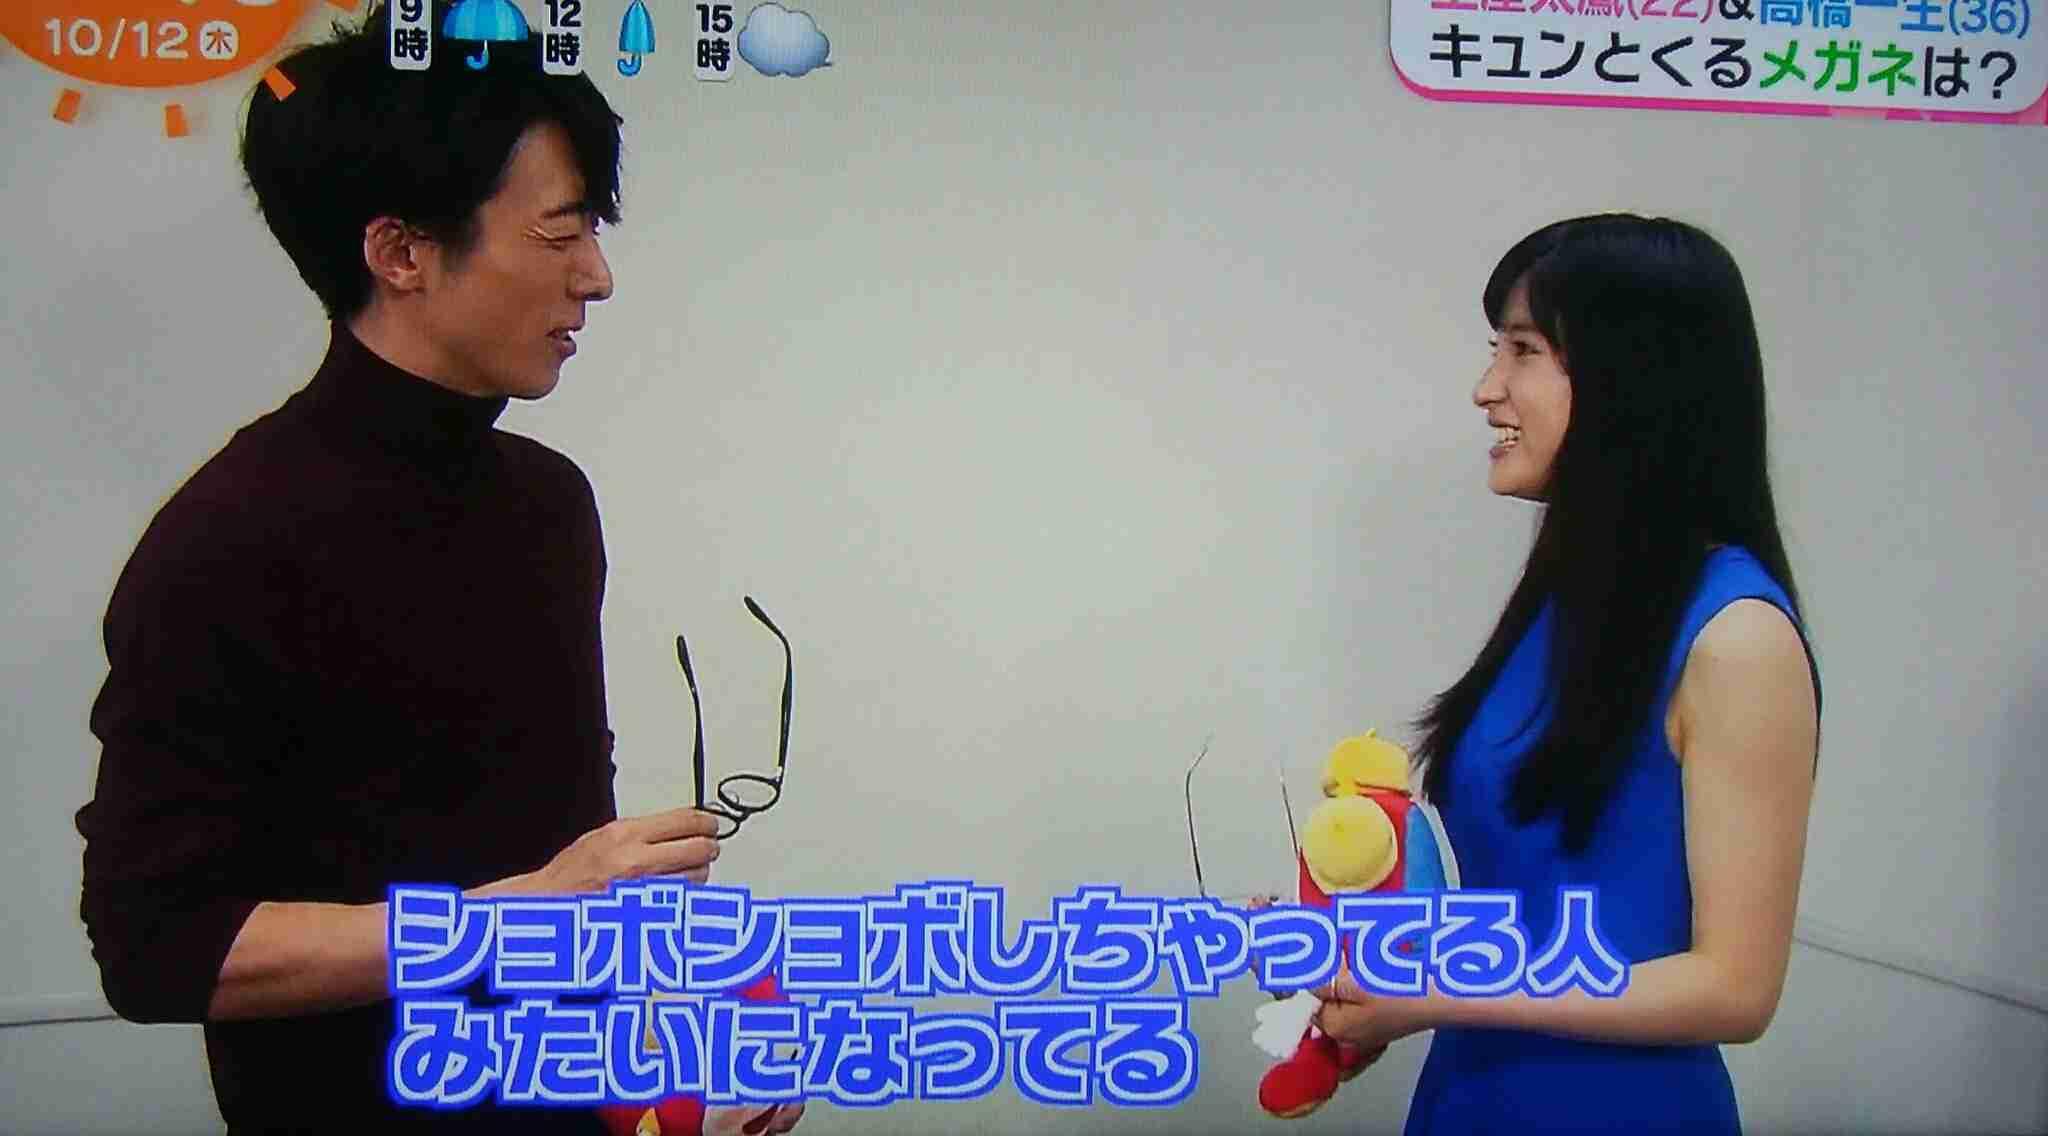 高橋一生、土屋太鳳、欅坂46らが「メガネベストドレッサー賞」受賞